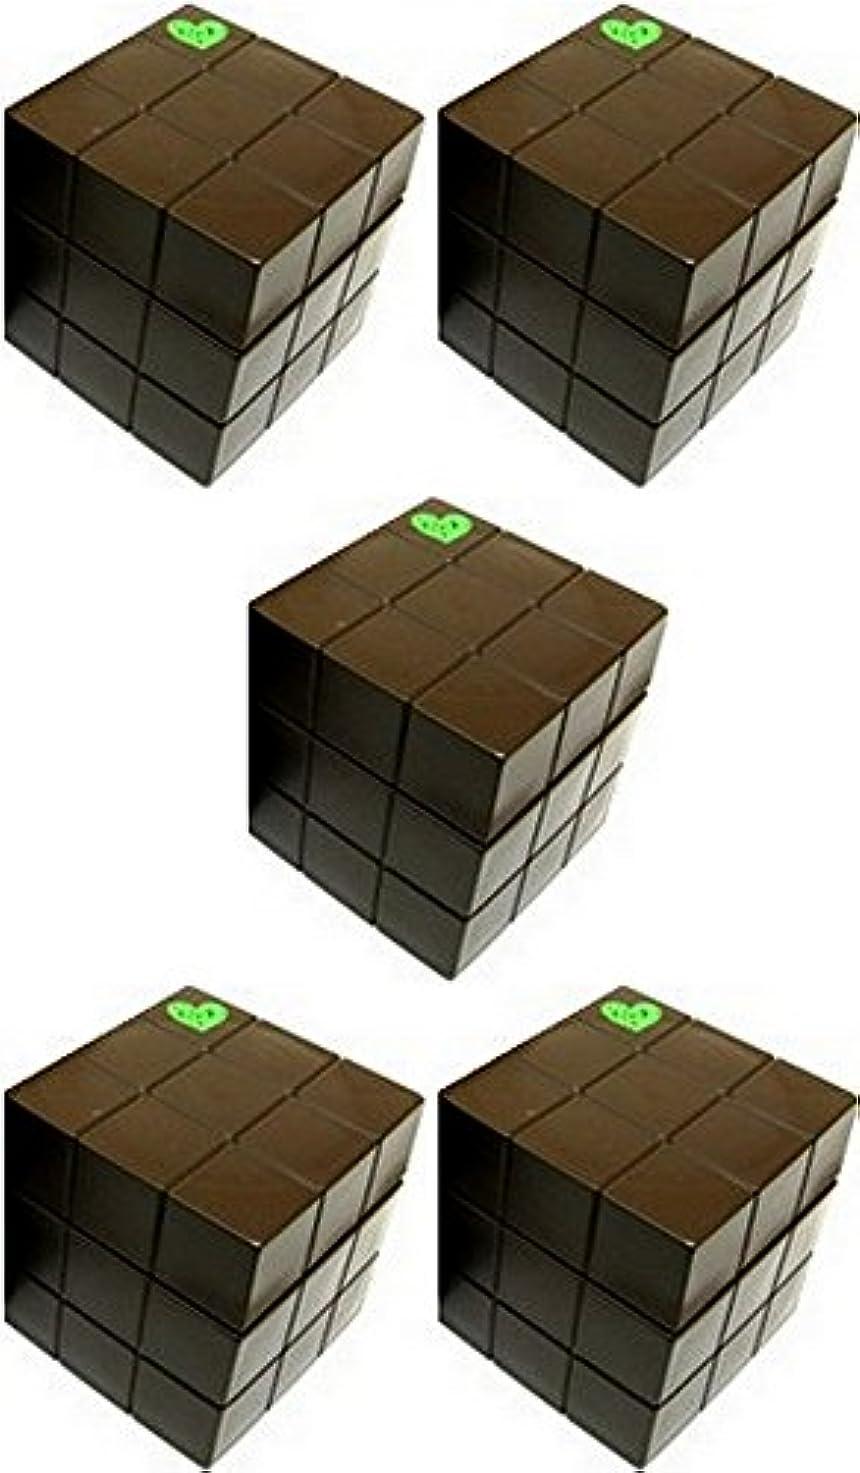 承認五十コンチネンタル【X5個セット】 アリミノ ピース プロデザインシリーズ ハードワックス チョコ 80g ARIMINO